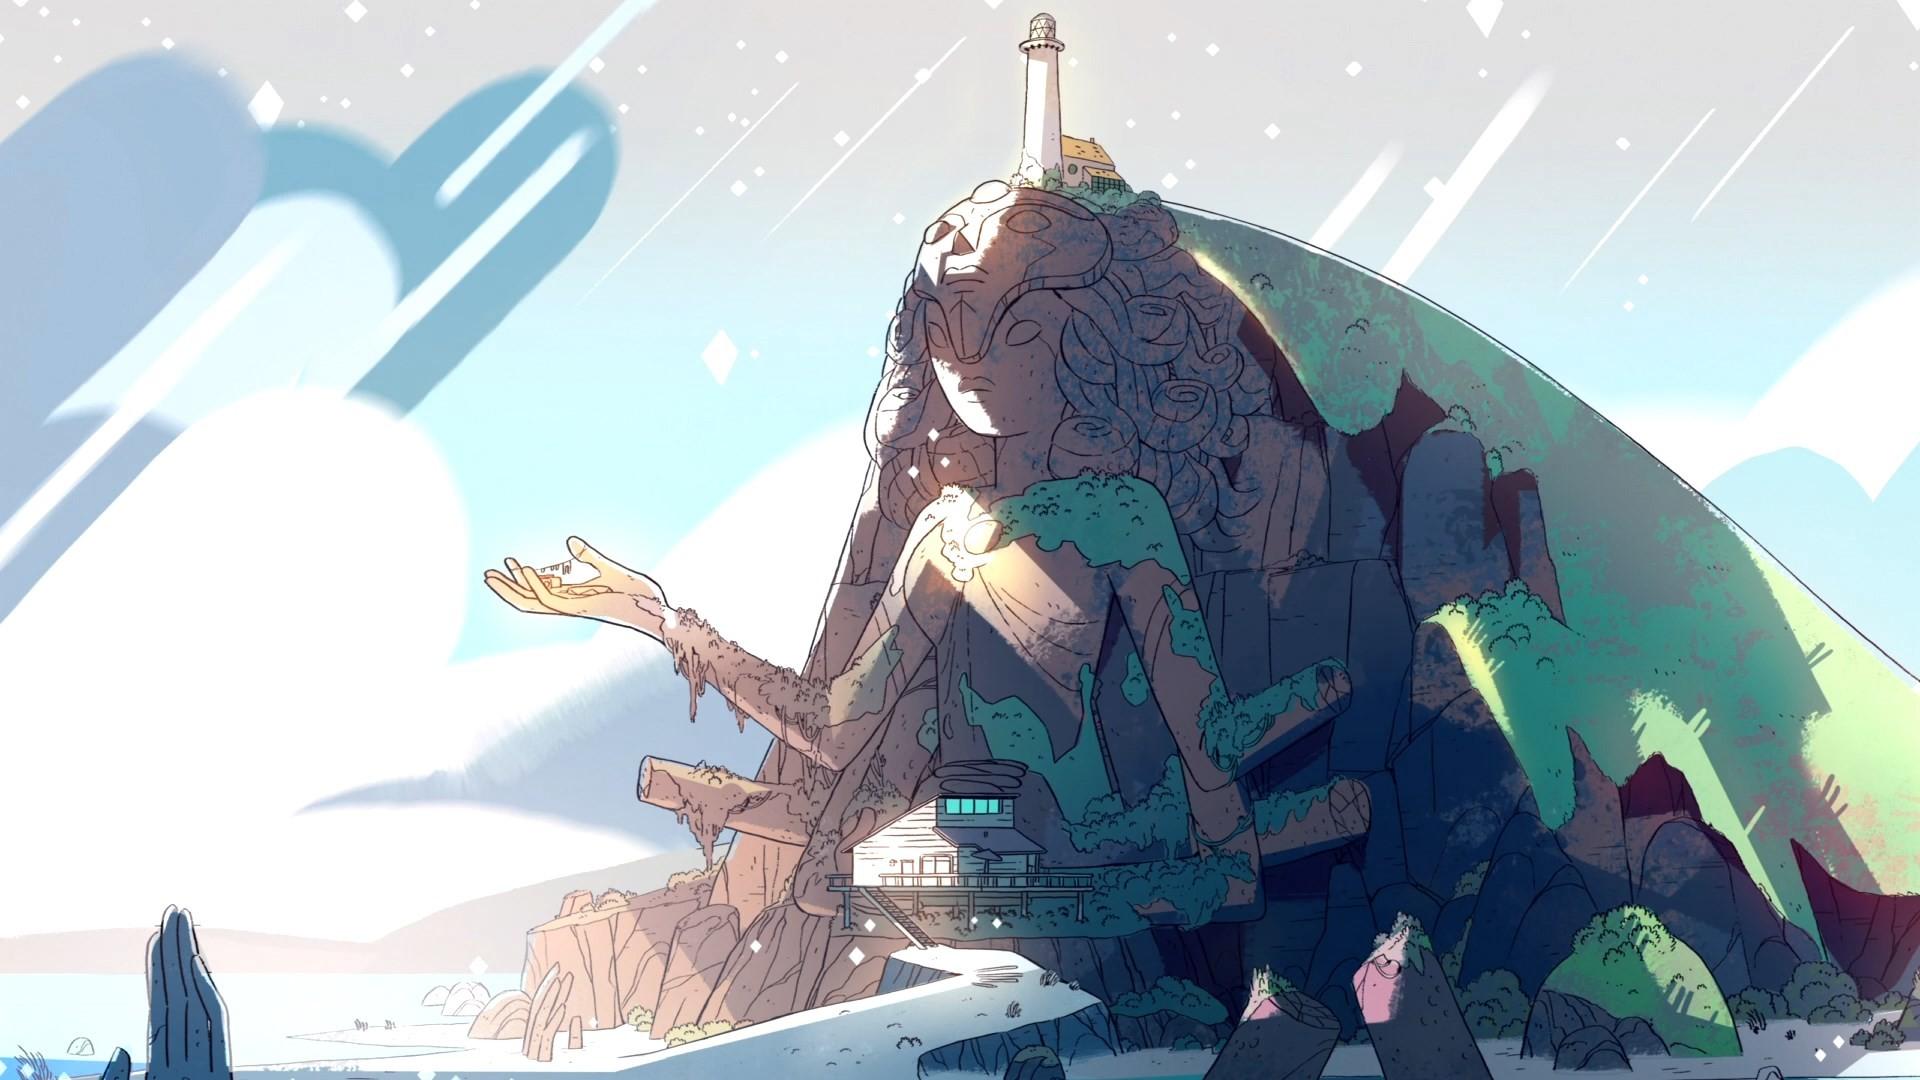 Image for Desktop: steven universe